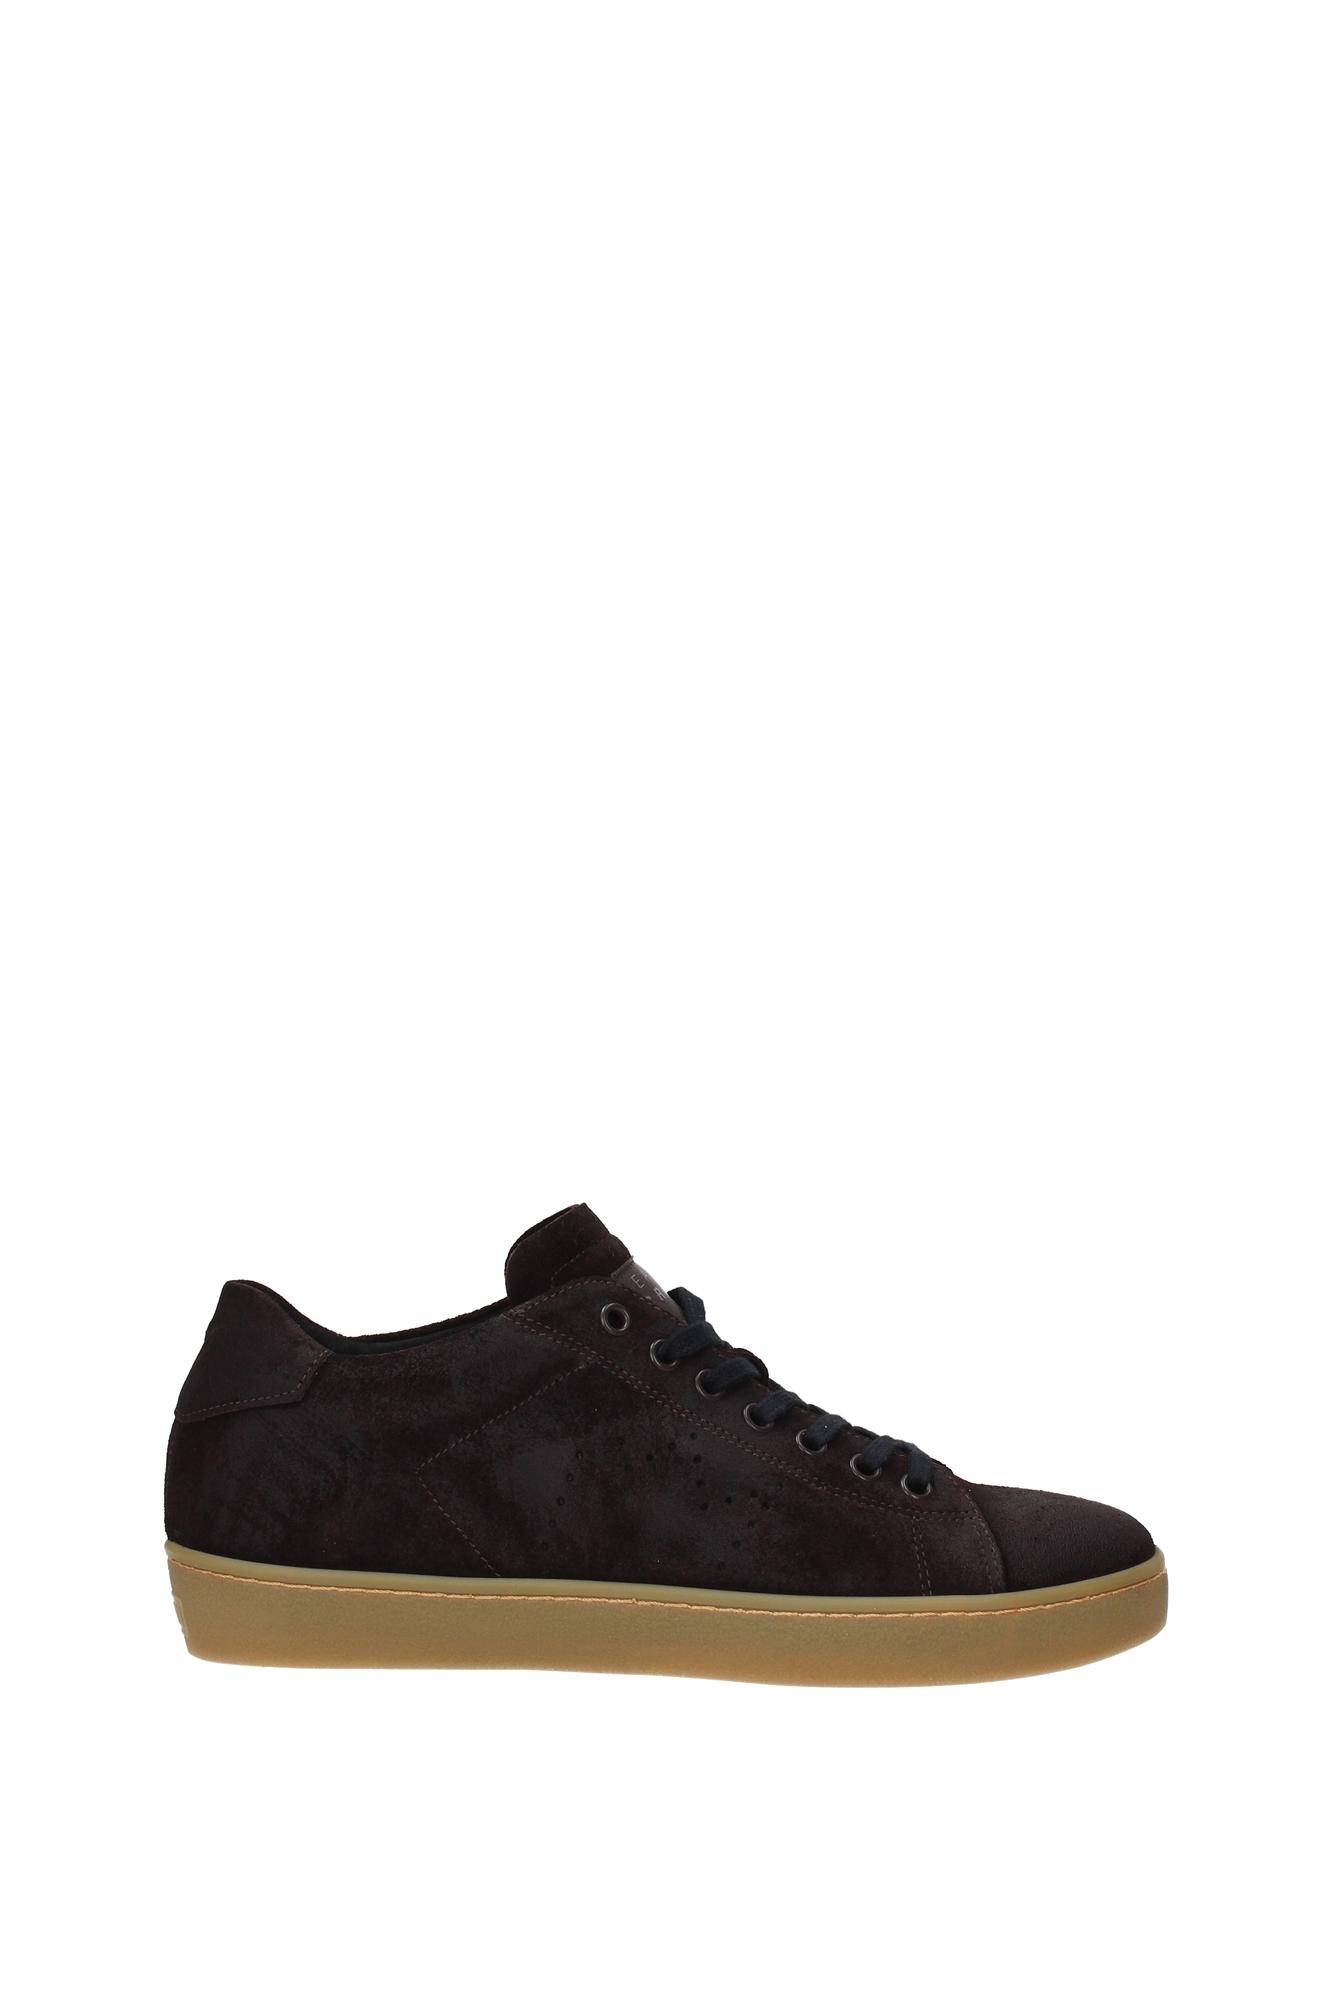 Scarpe Scarpe Scarpe casual da uomo  Sneakers Leather Crown uomo -  (M136COFFEEAMBRA) 099924